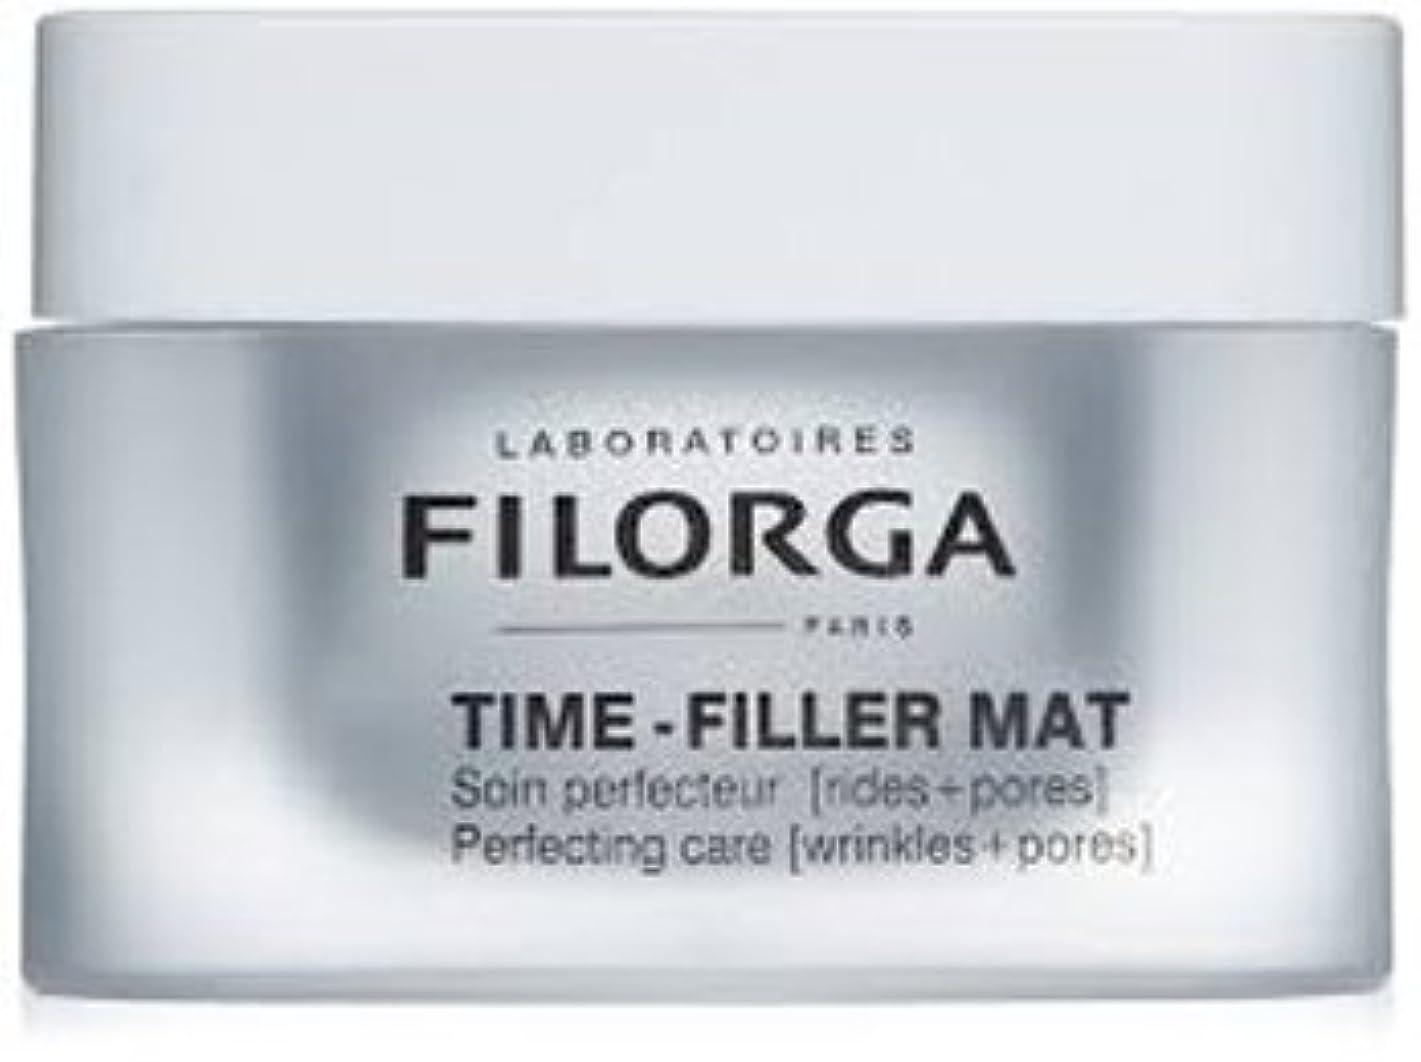 五十別々に自分[フィロルガ] タイムフィラーMAT TIME FILLER MAT 50ml [海外直送品][フランス直送品] [並行輸入品]